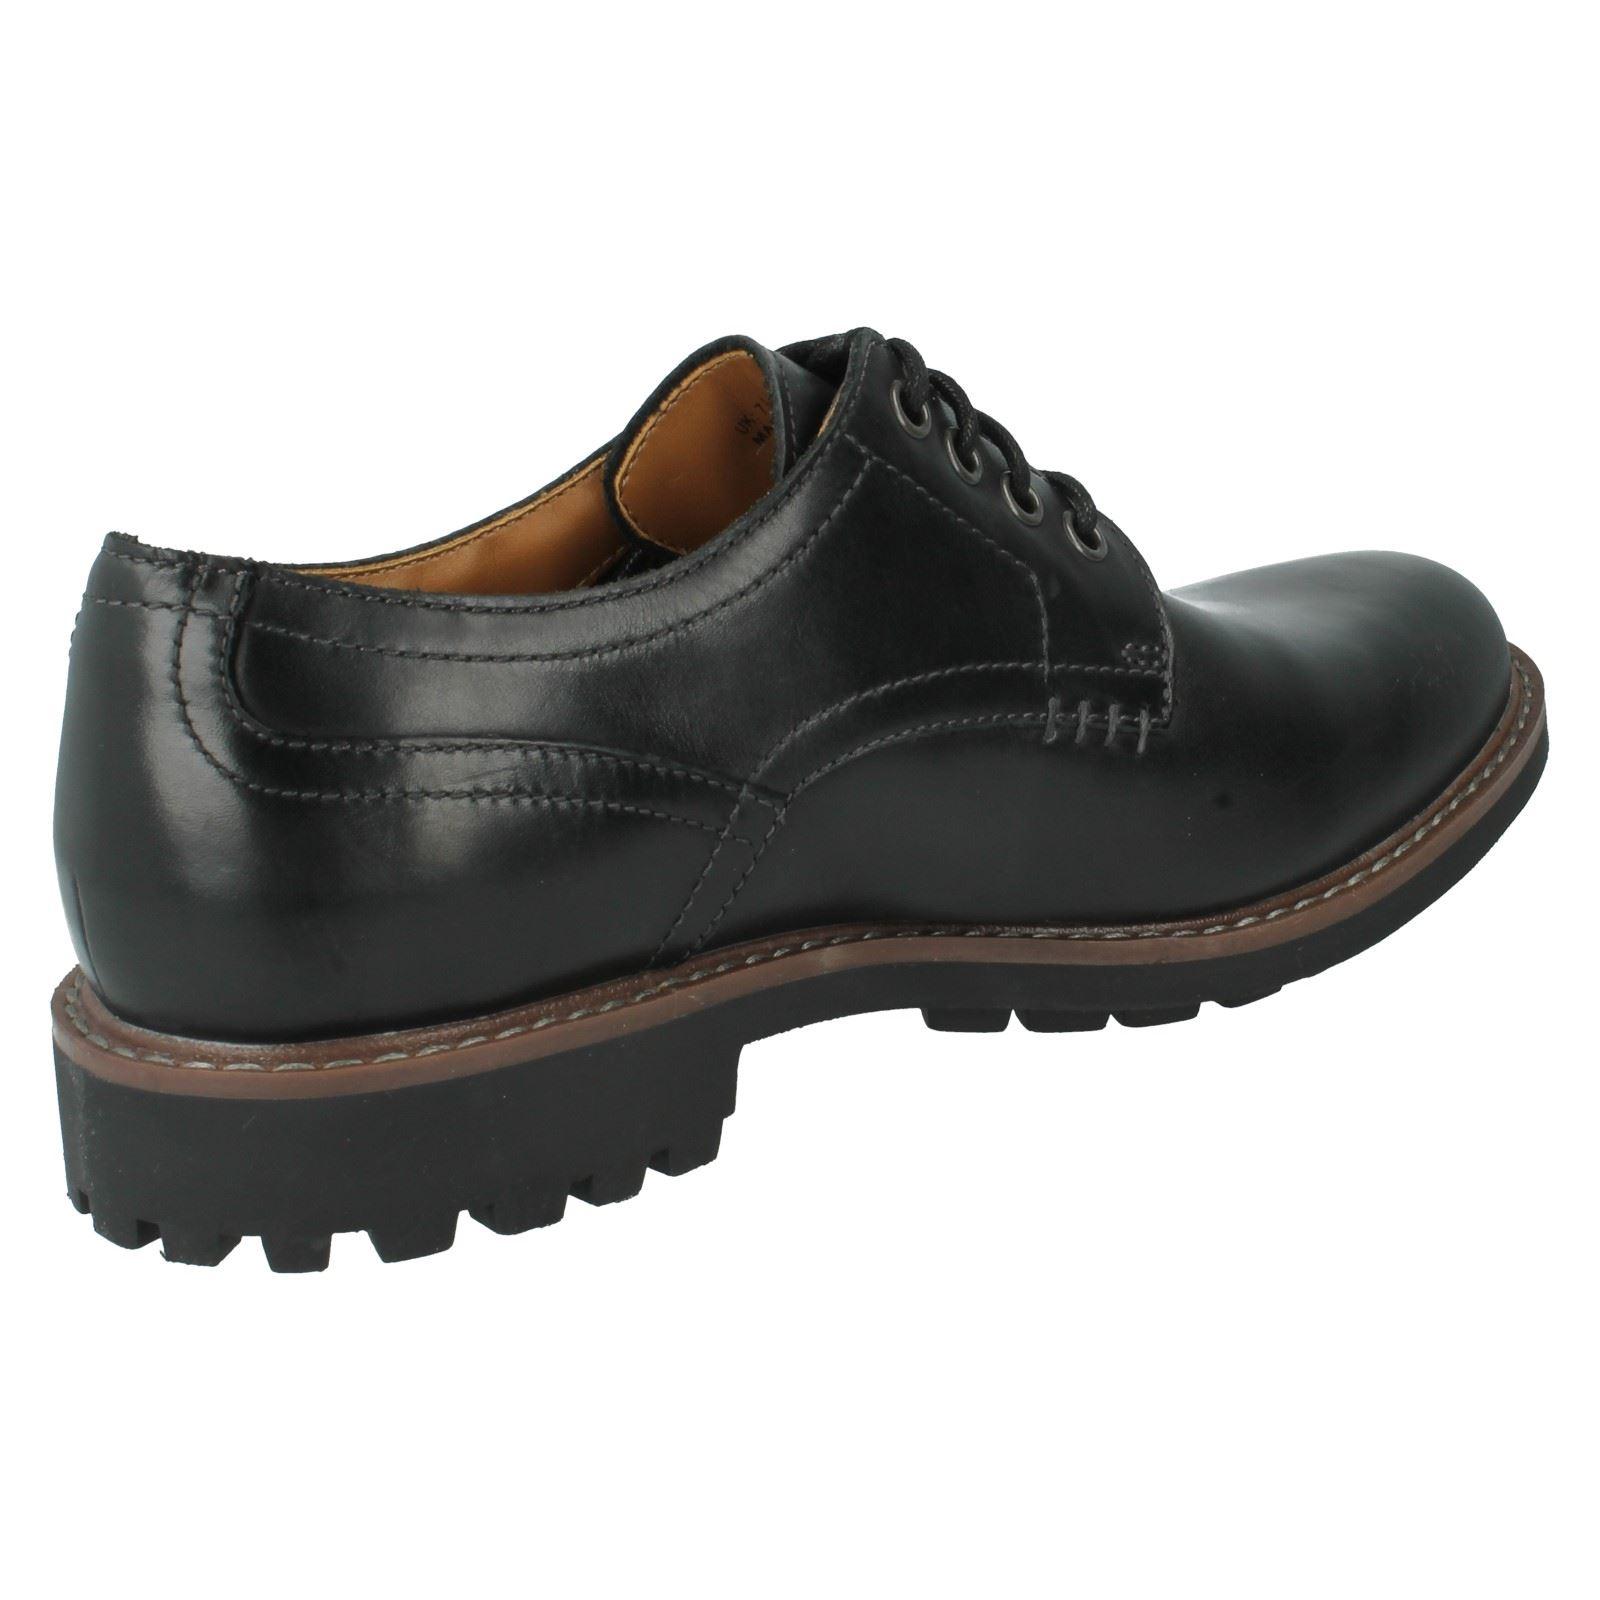 Para Hombre Clarks Zapatos Casual lazada Zapatos Clarks Estilo-Montacute Hall 2ae89f